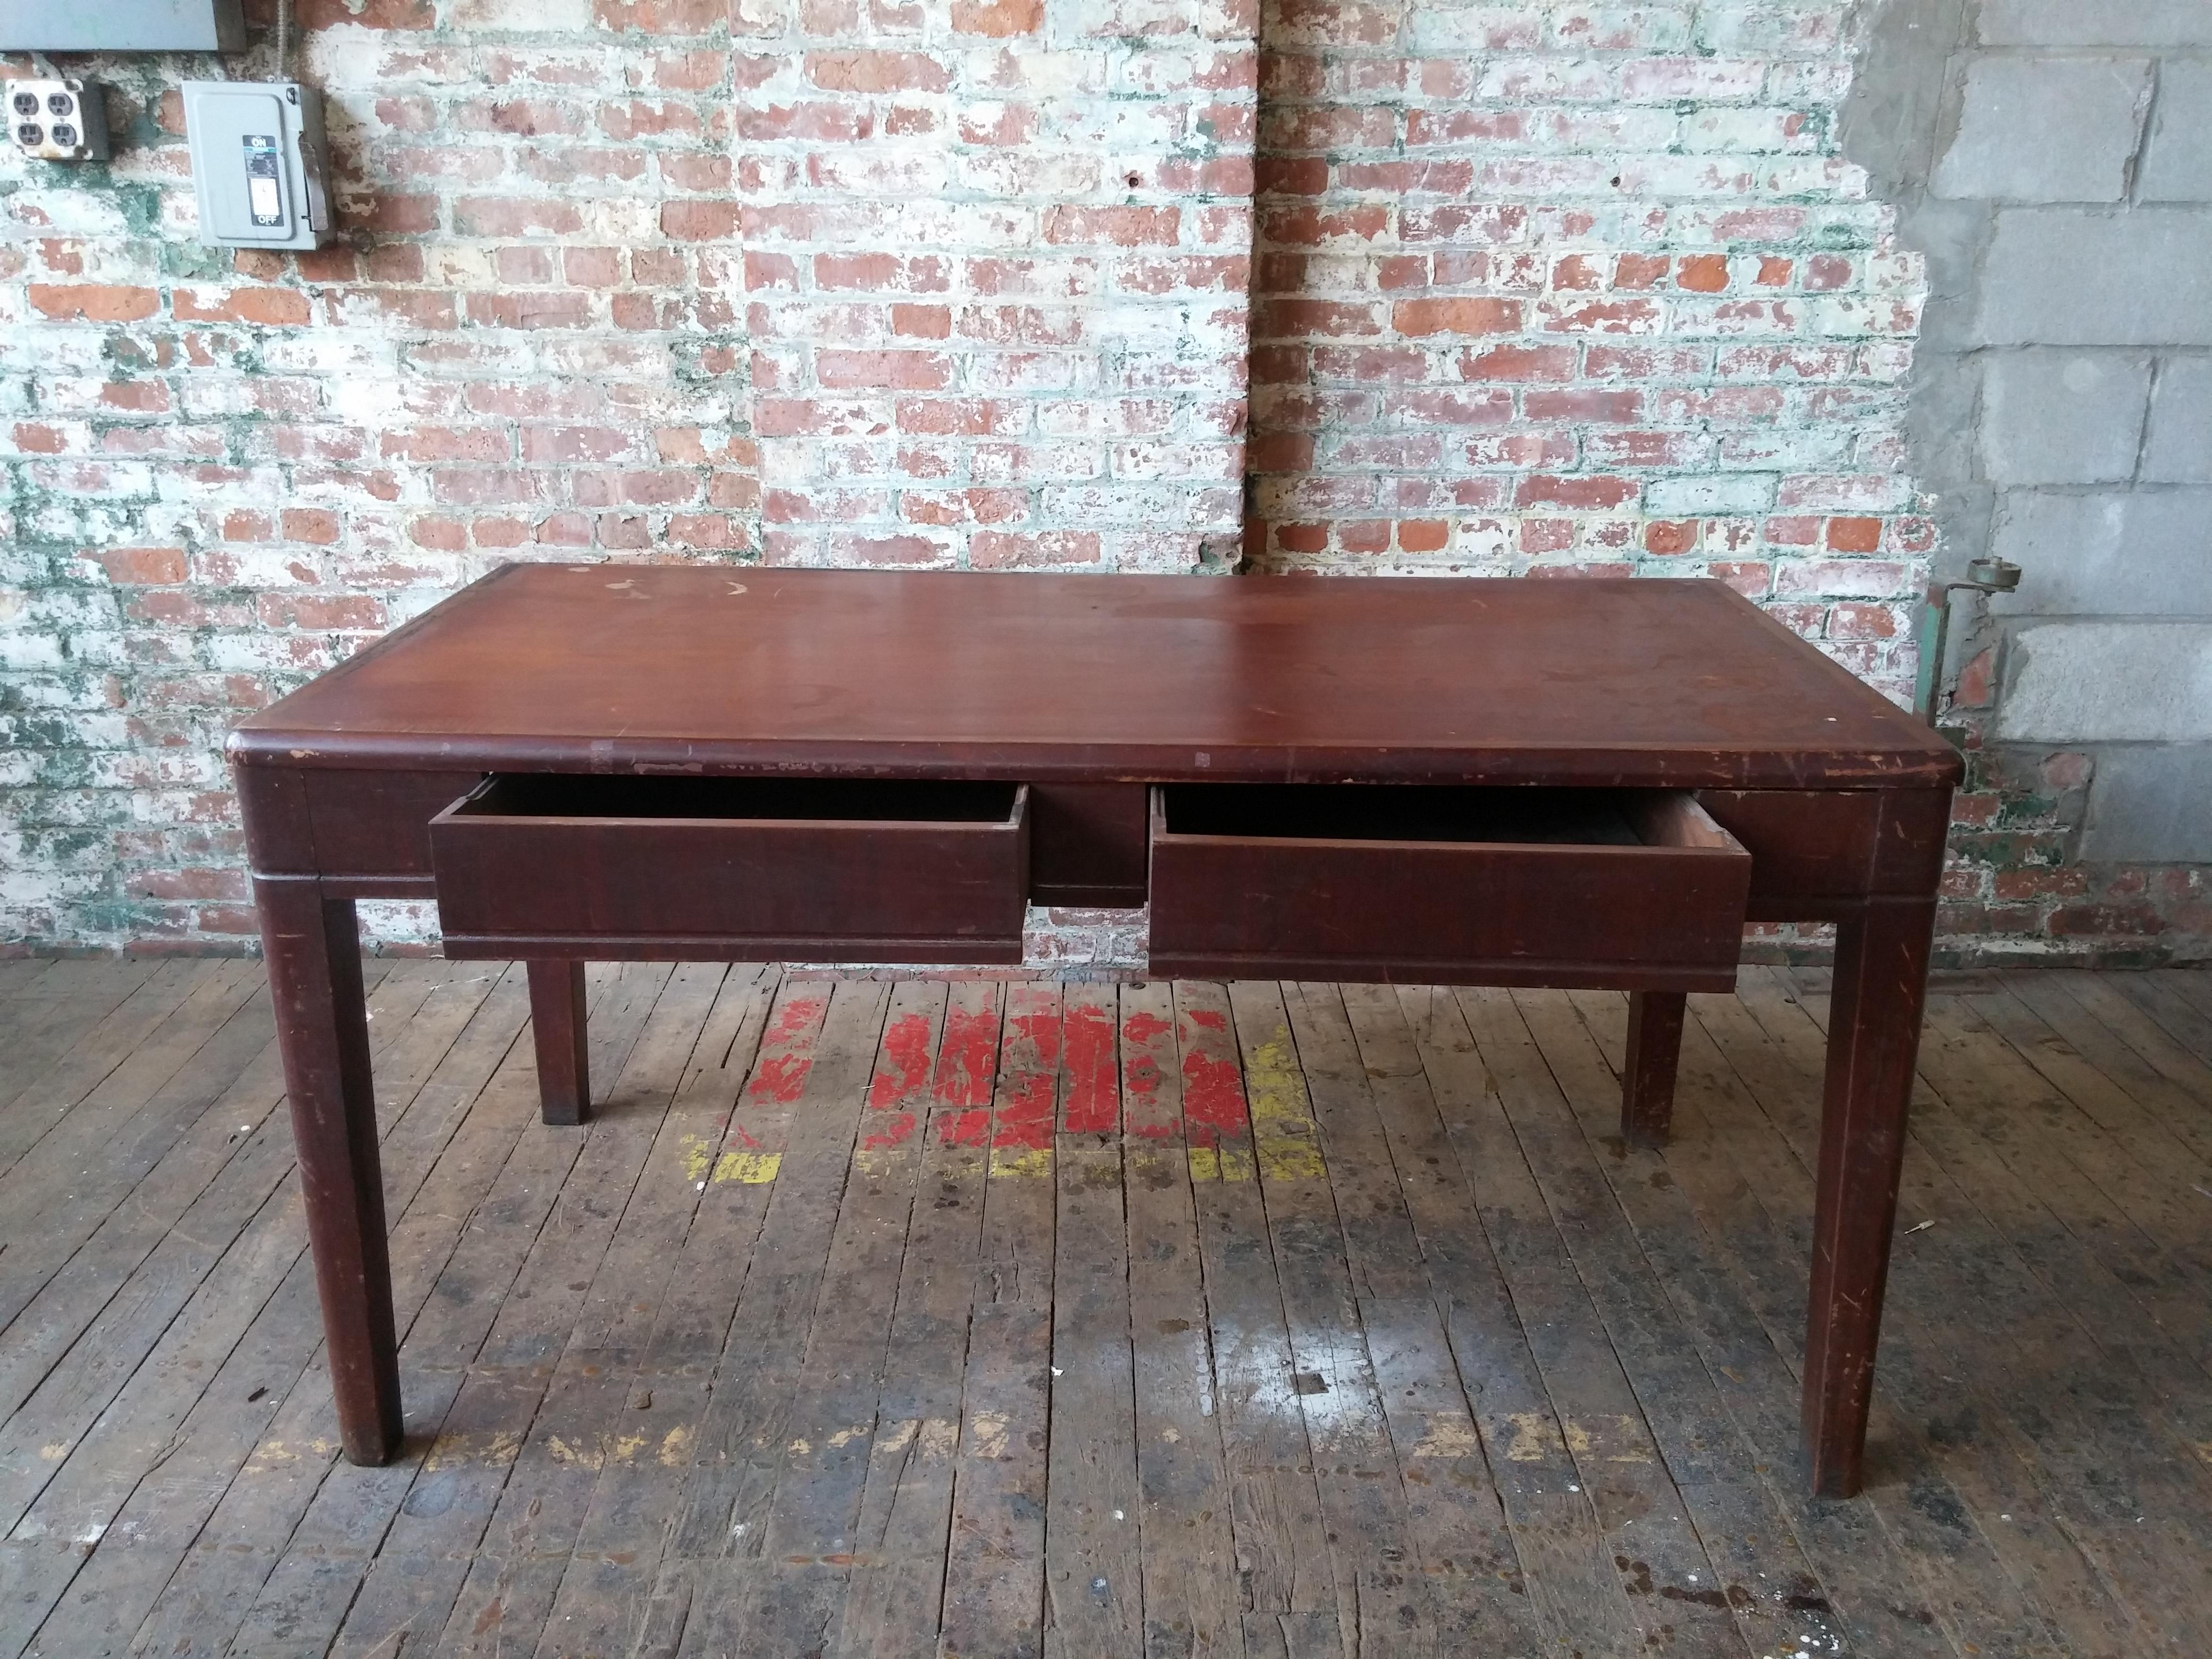 198 A. 30' X 60' Table